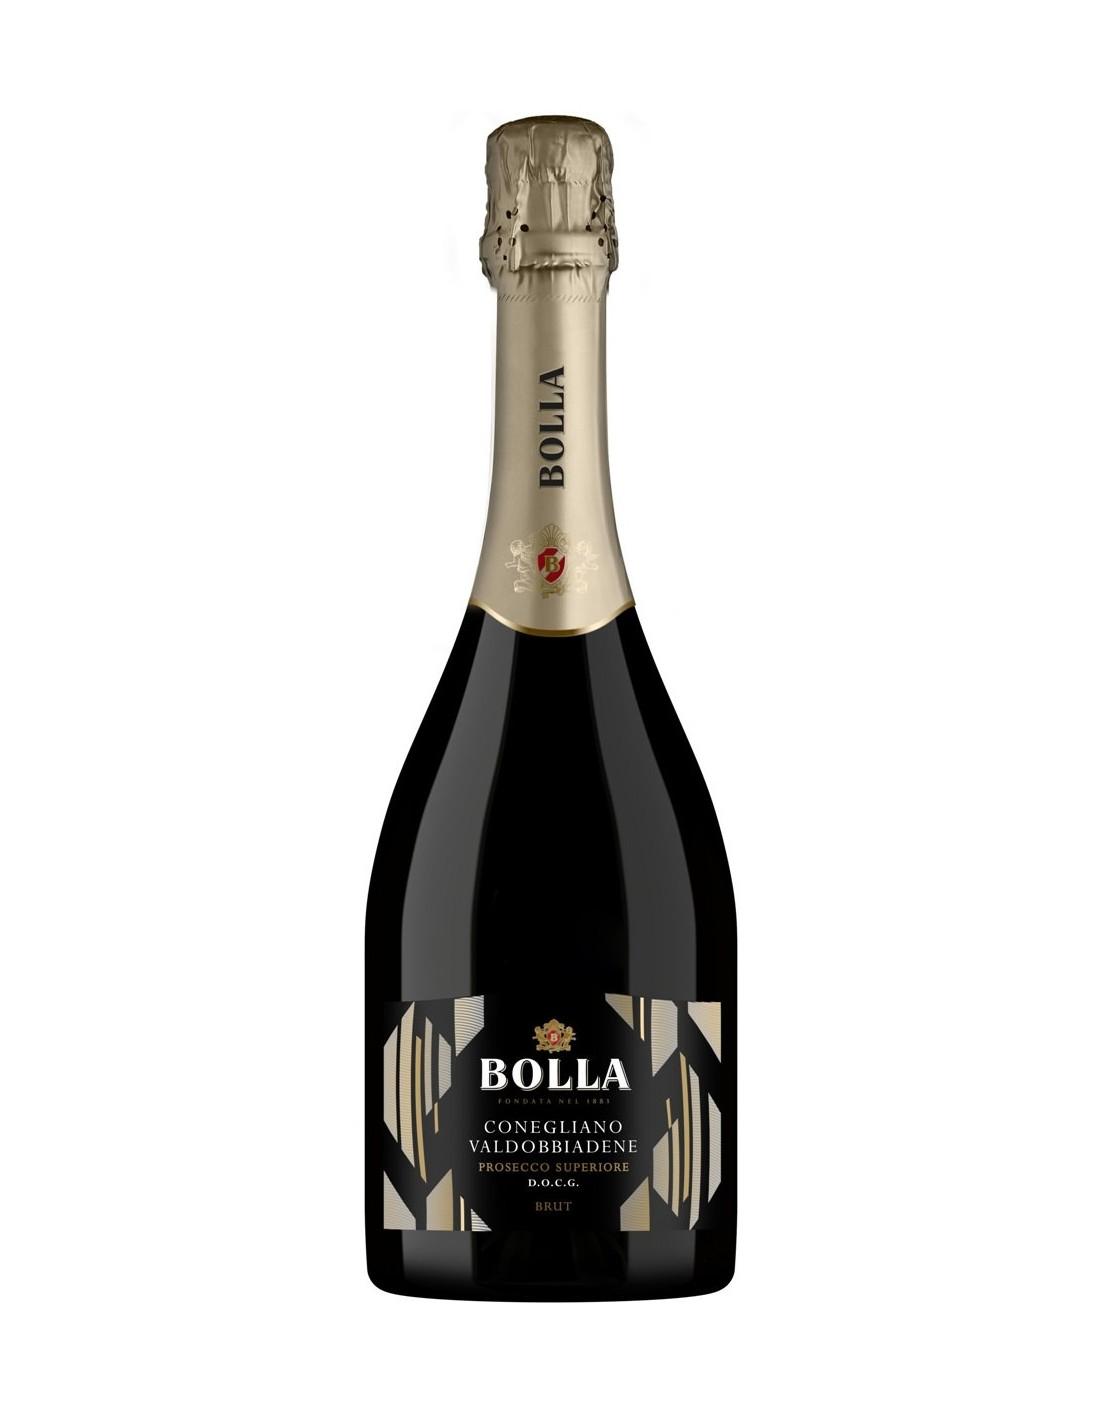 Vin spumos prosecco alb Glera, Bolla Conegliano-Valdobbiadene, 0.75L, 11% alc., Italia